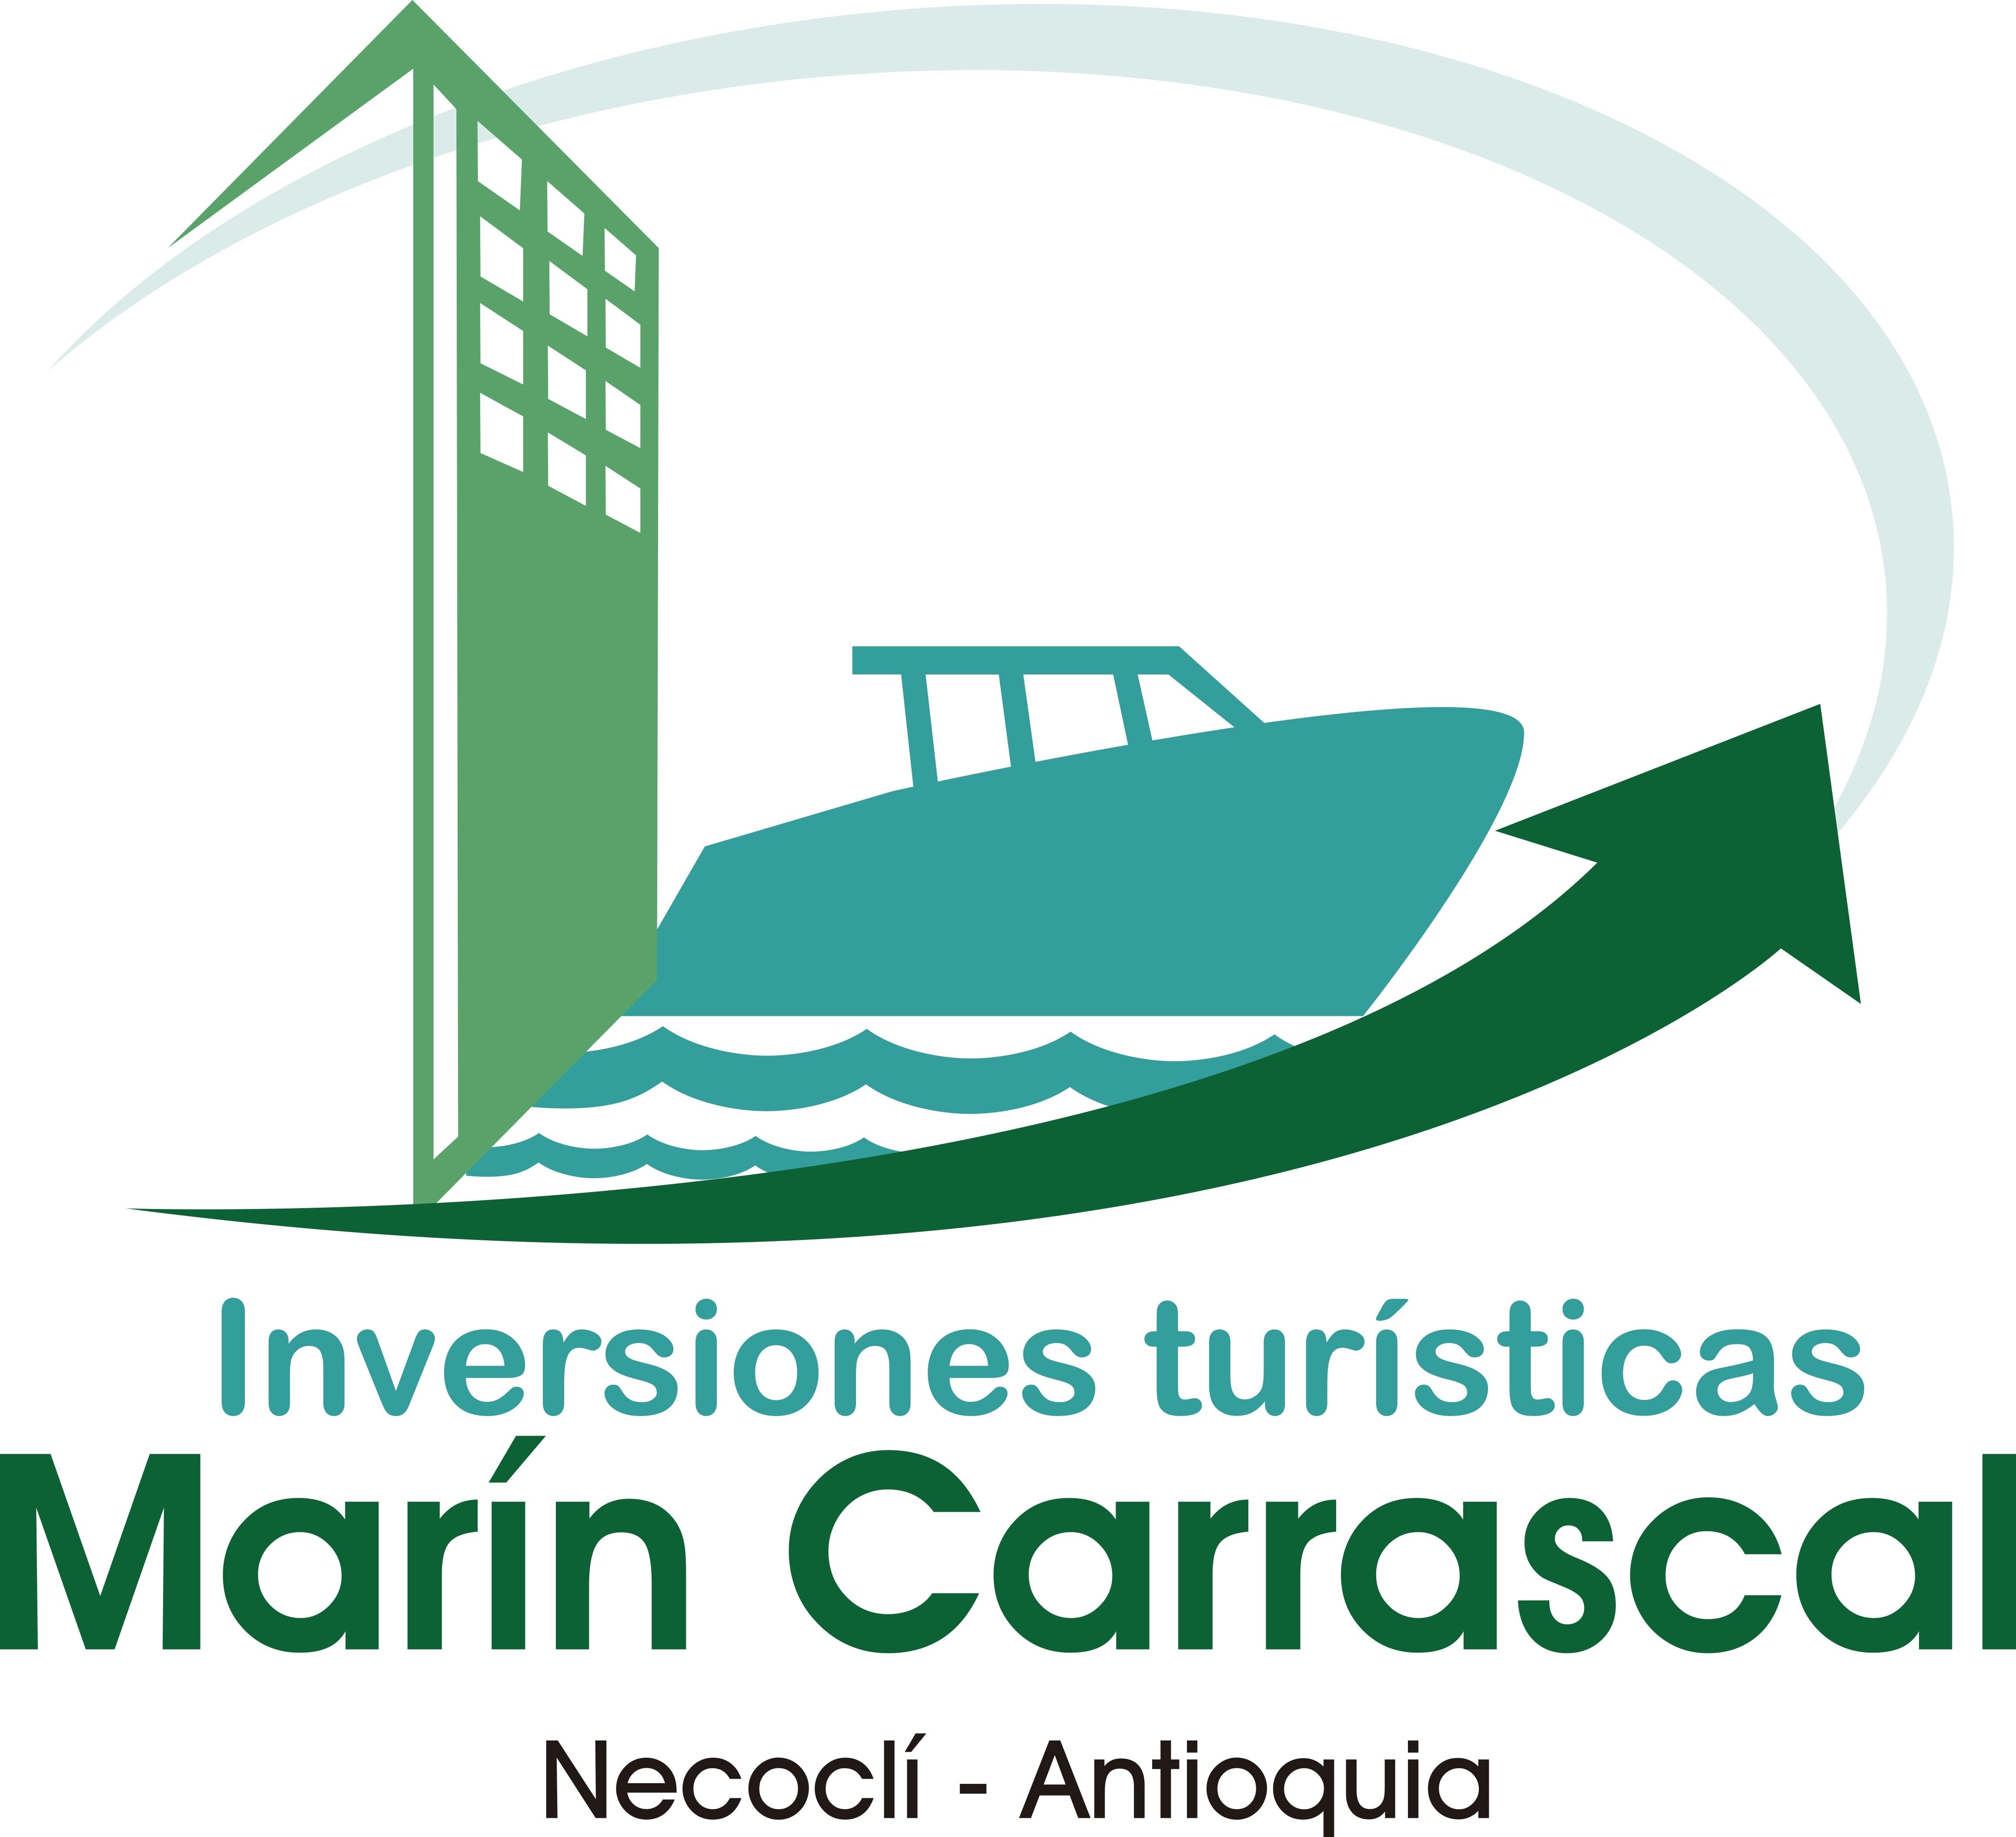 Marinc Tiquetes baratos a cualquier destino. Reserva y compra tiquetes aéreos, cuartos de hoteles, autos, cruceros y paquetes turísticos en línea